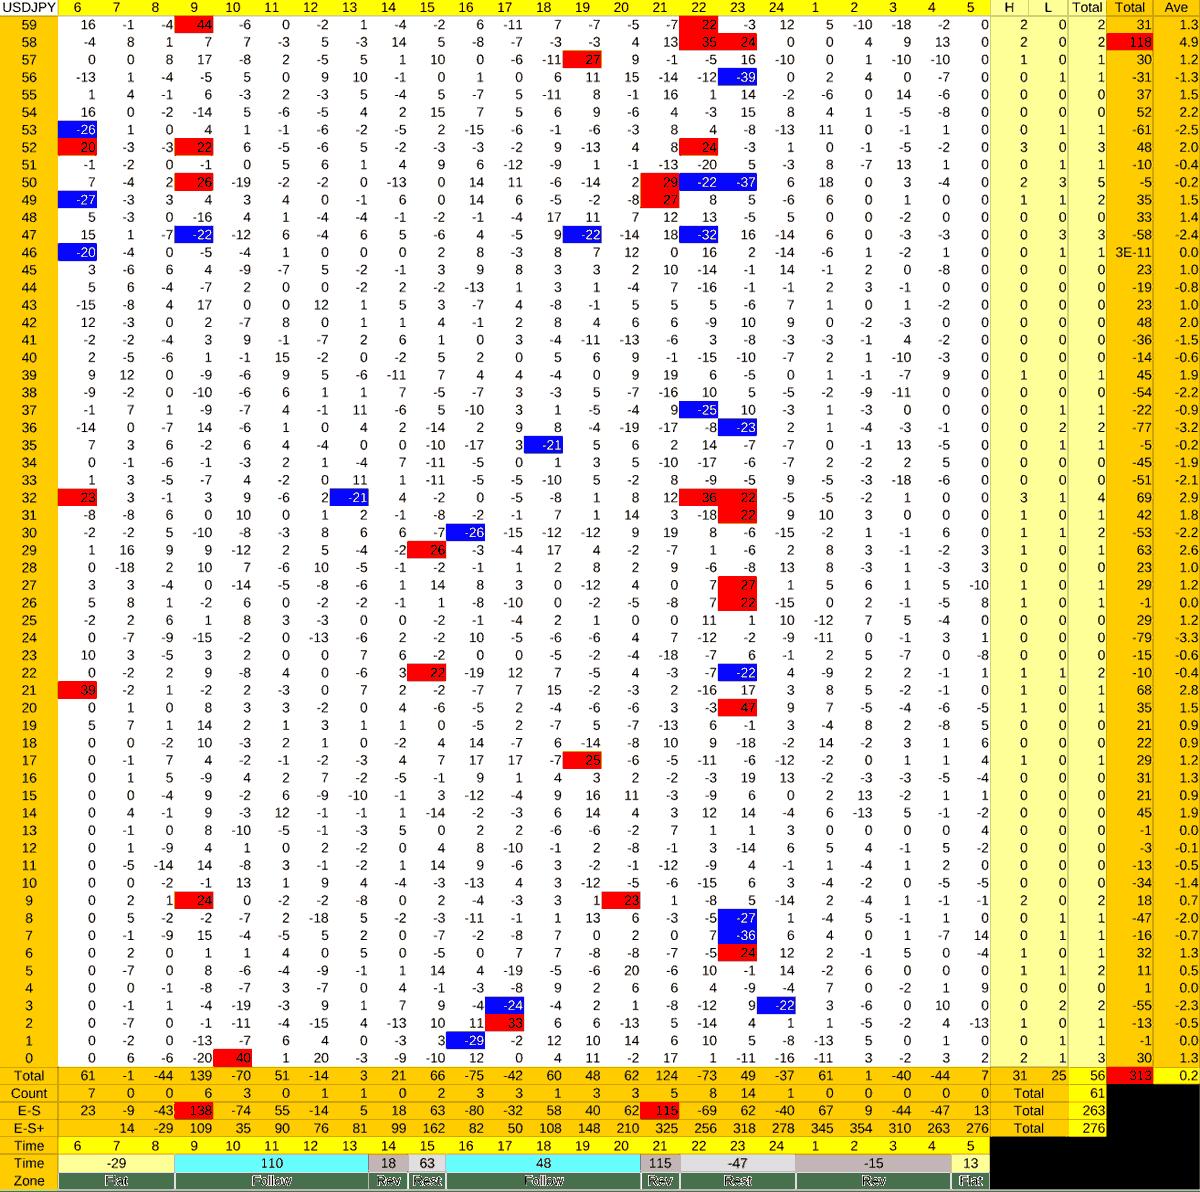 20210730_HS(1)USDJPY-min